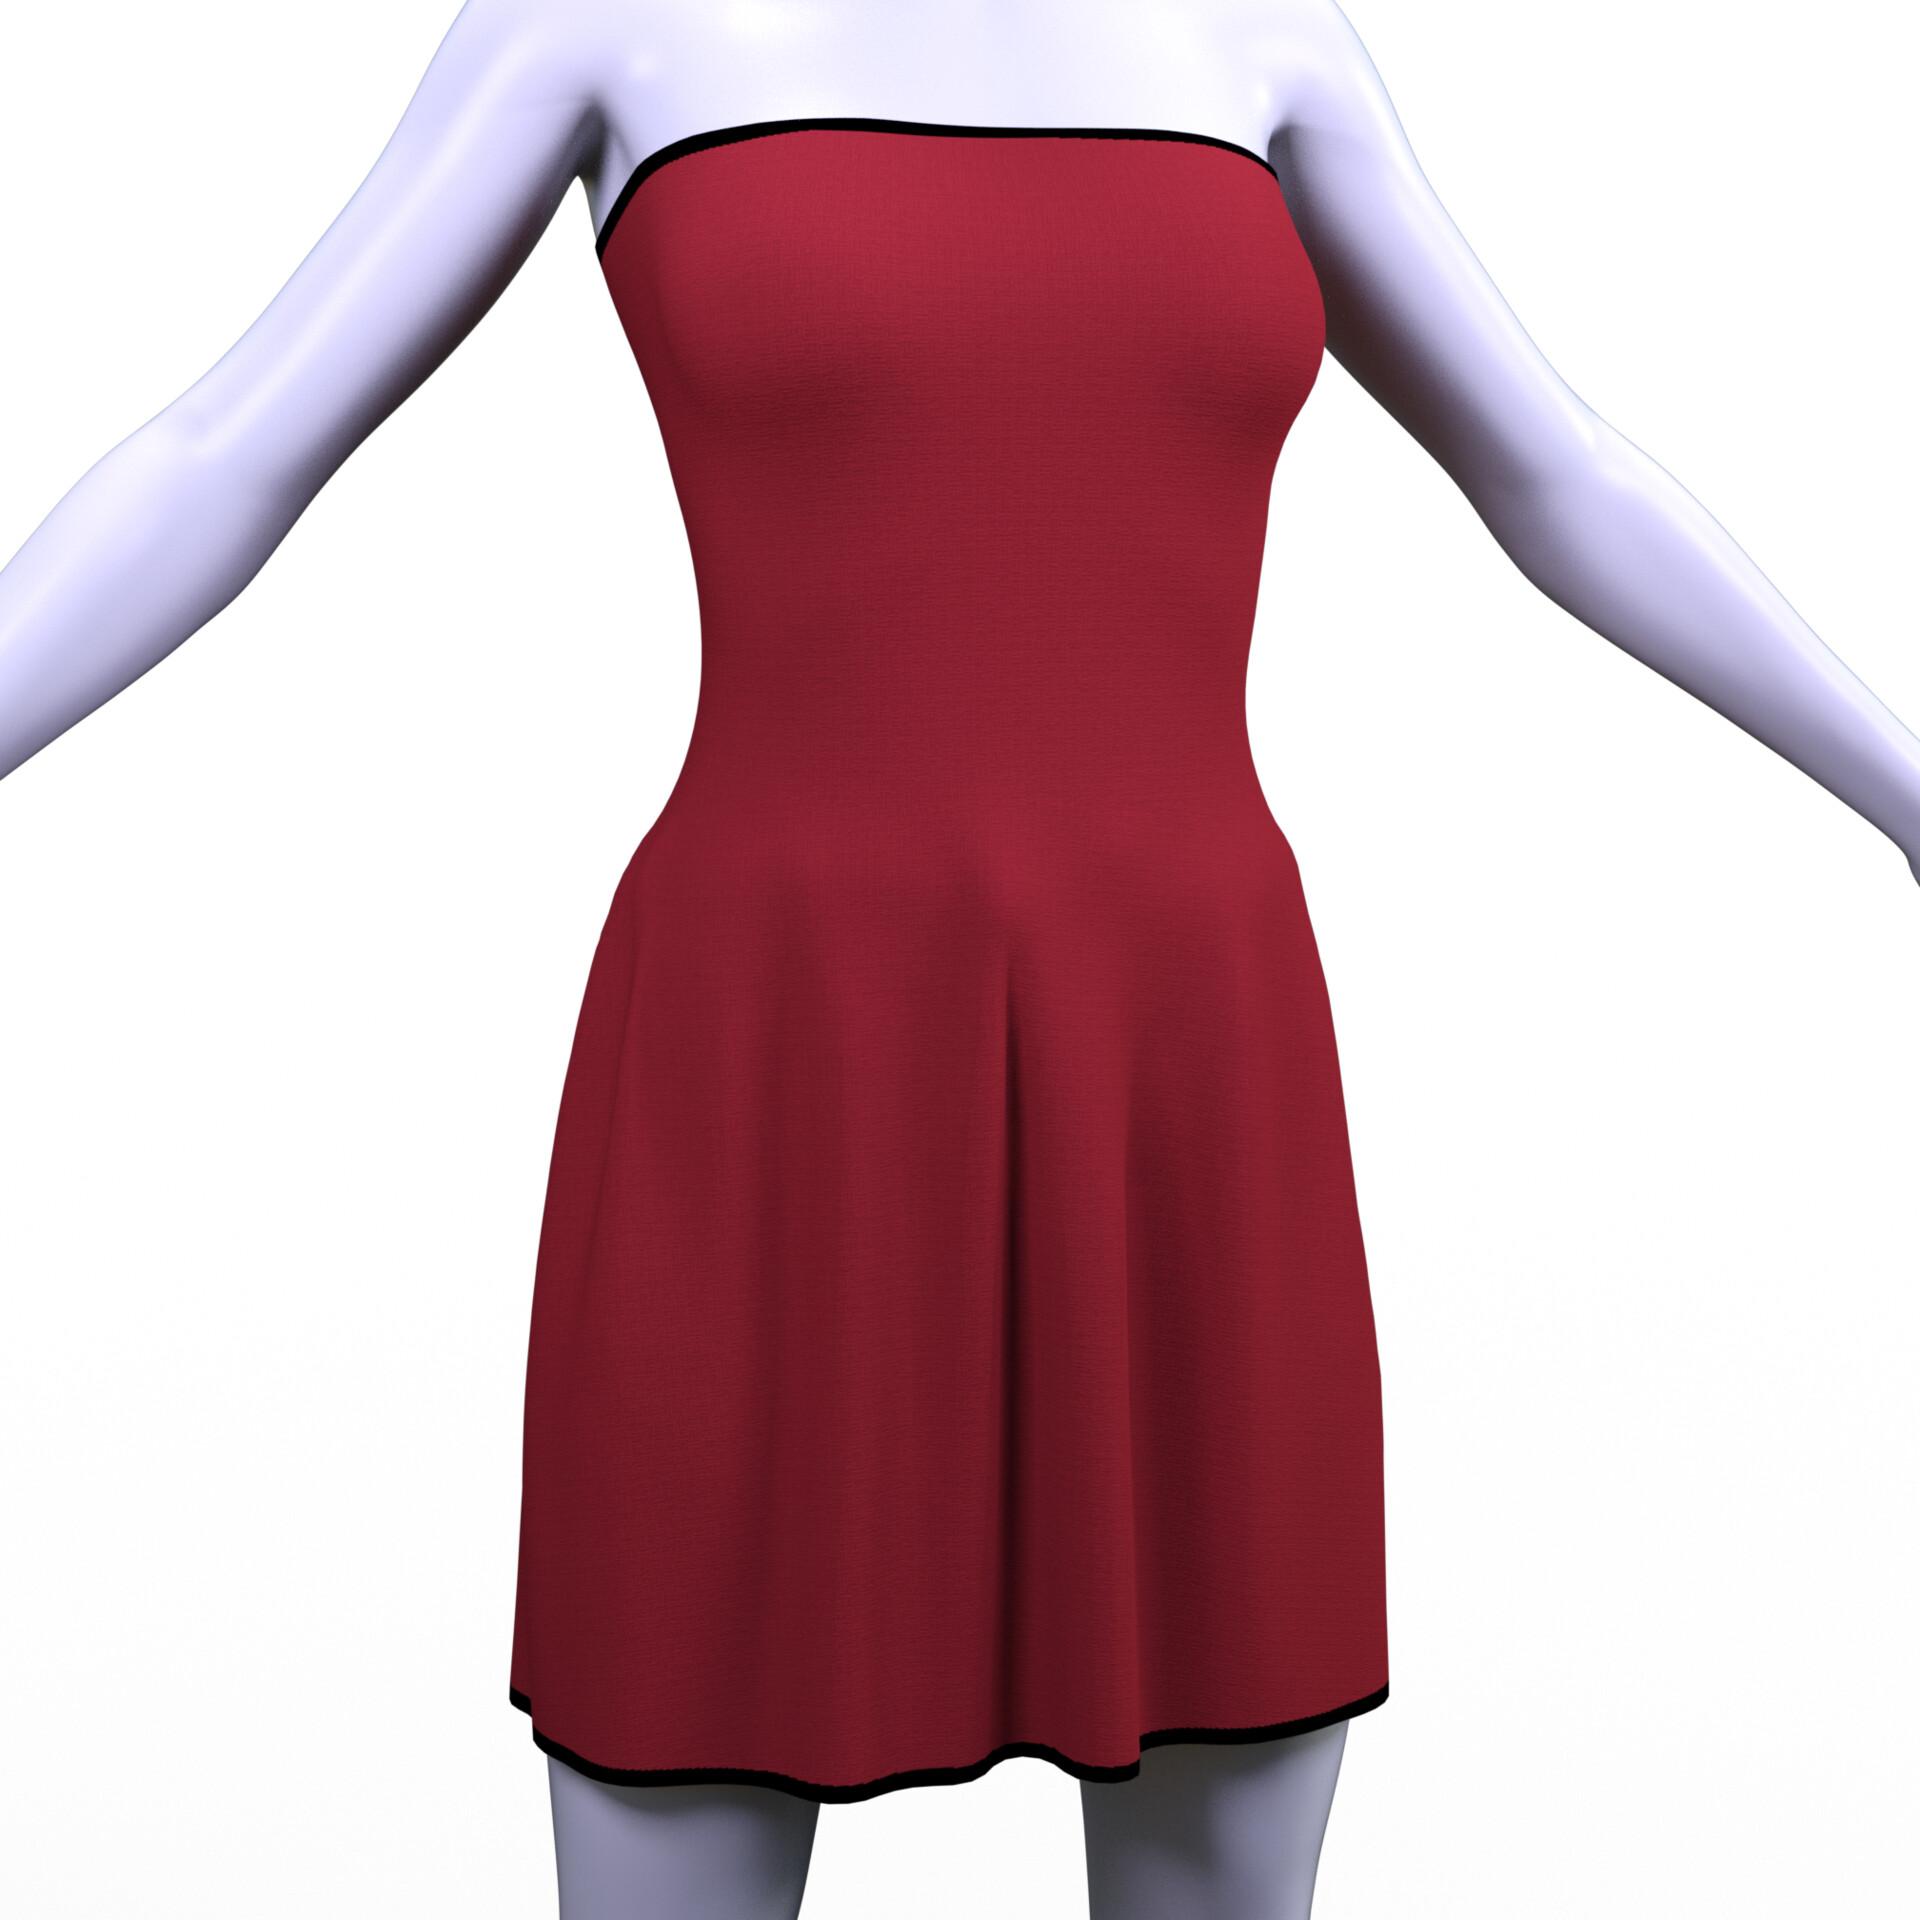 Base dress render